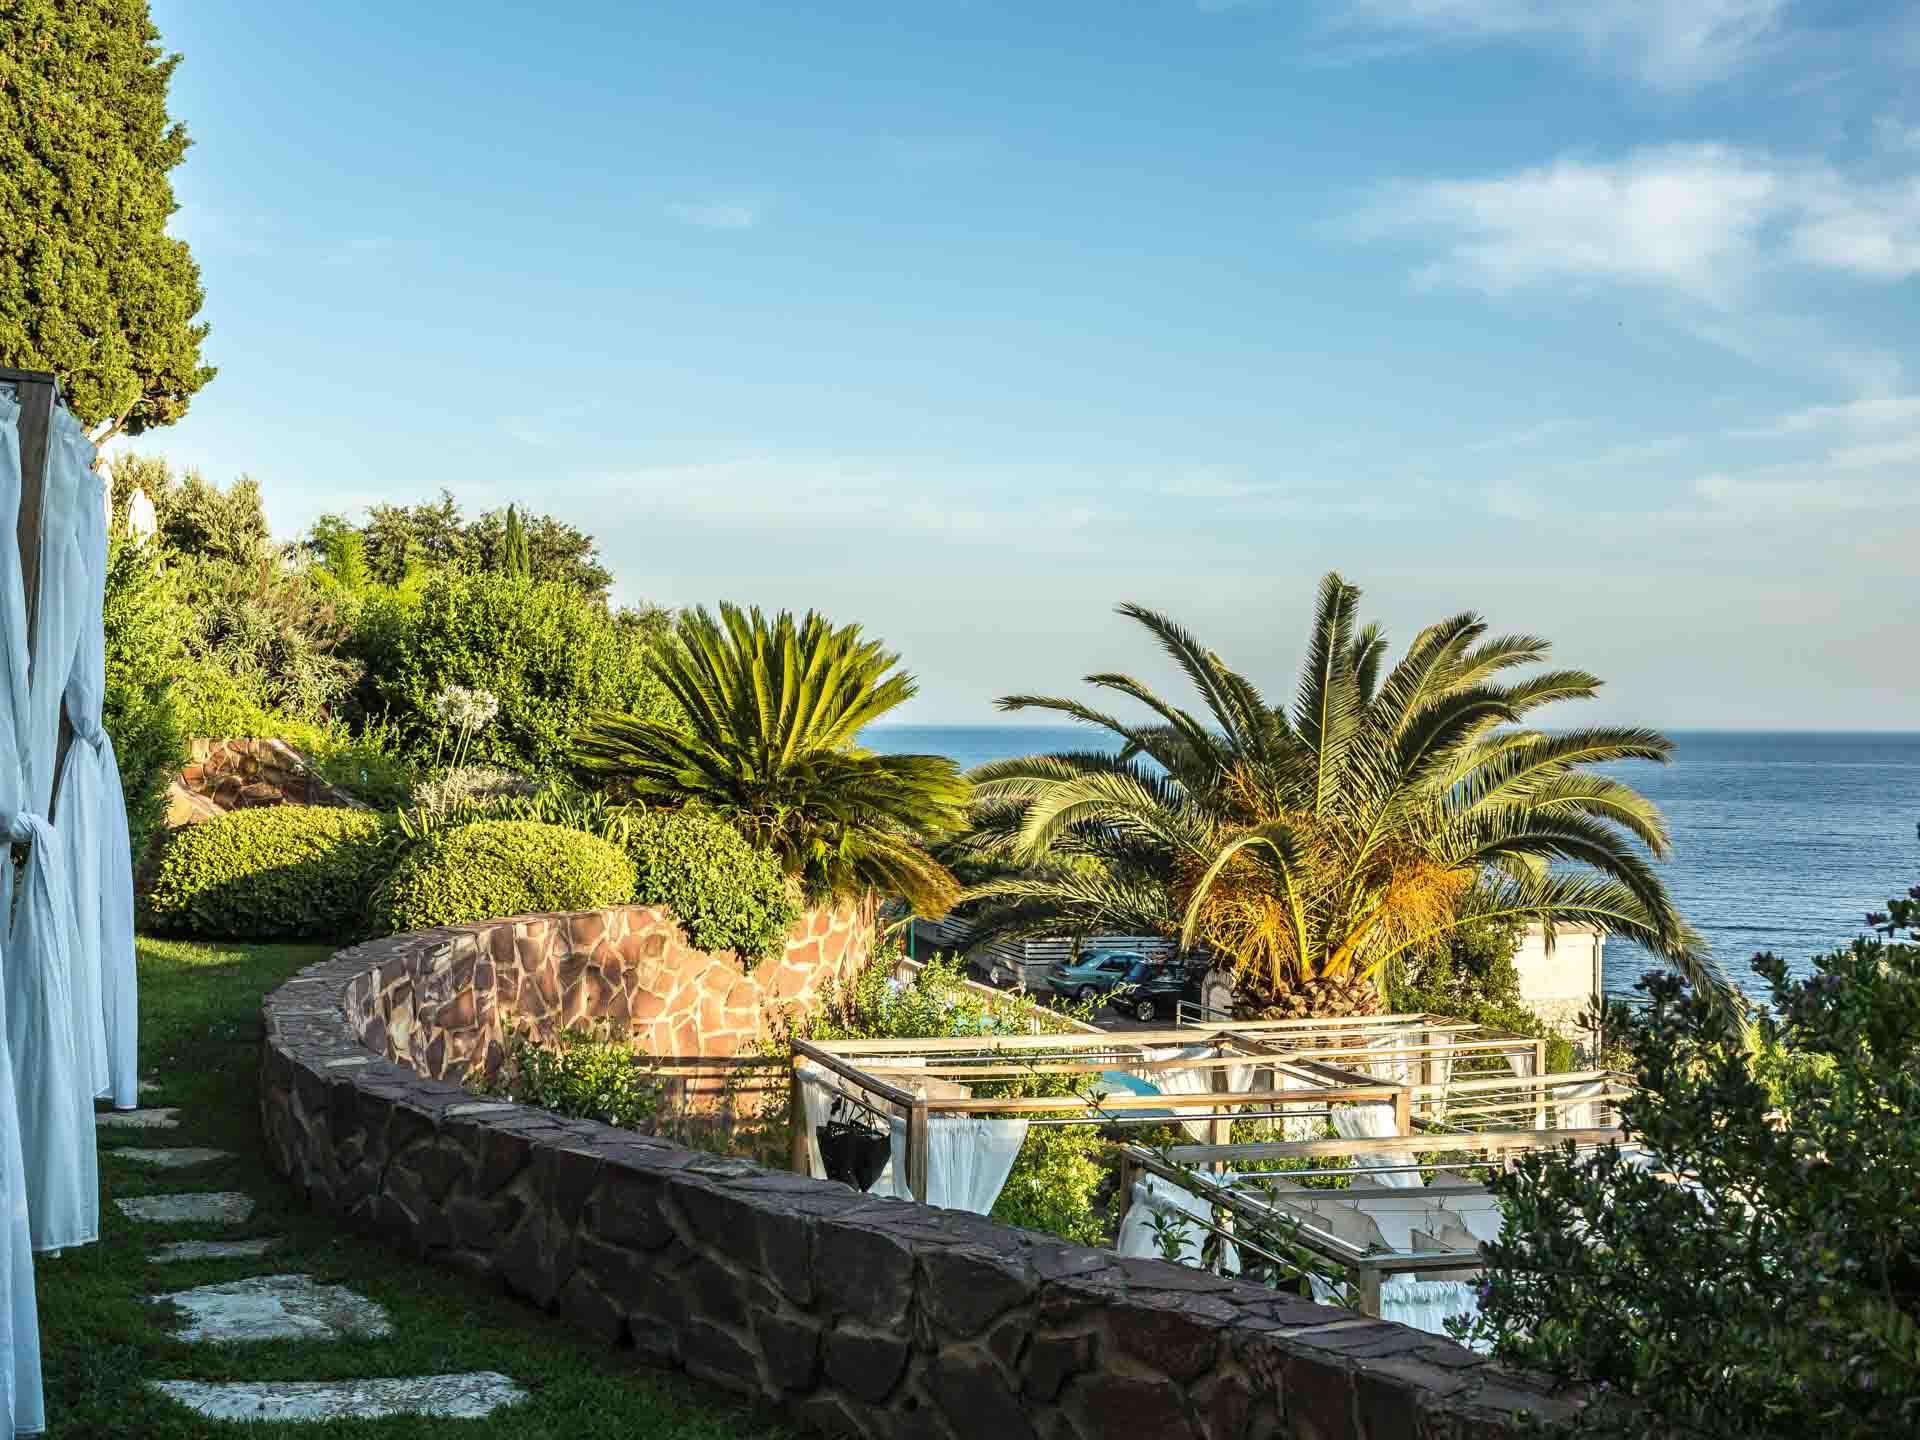 Quels sont les plus beaux hôtels de la Côte d'Azur ? Entre palace historiques, boutique-hôtels stylés et adresses secrètes, on dévoile notre sélection des plus beaux hôtels de la Côte d'Azur.